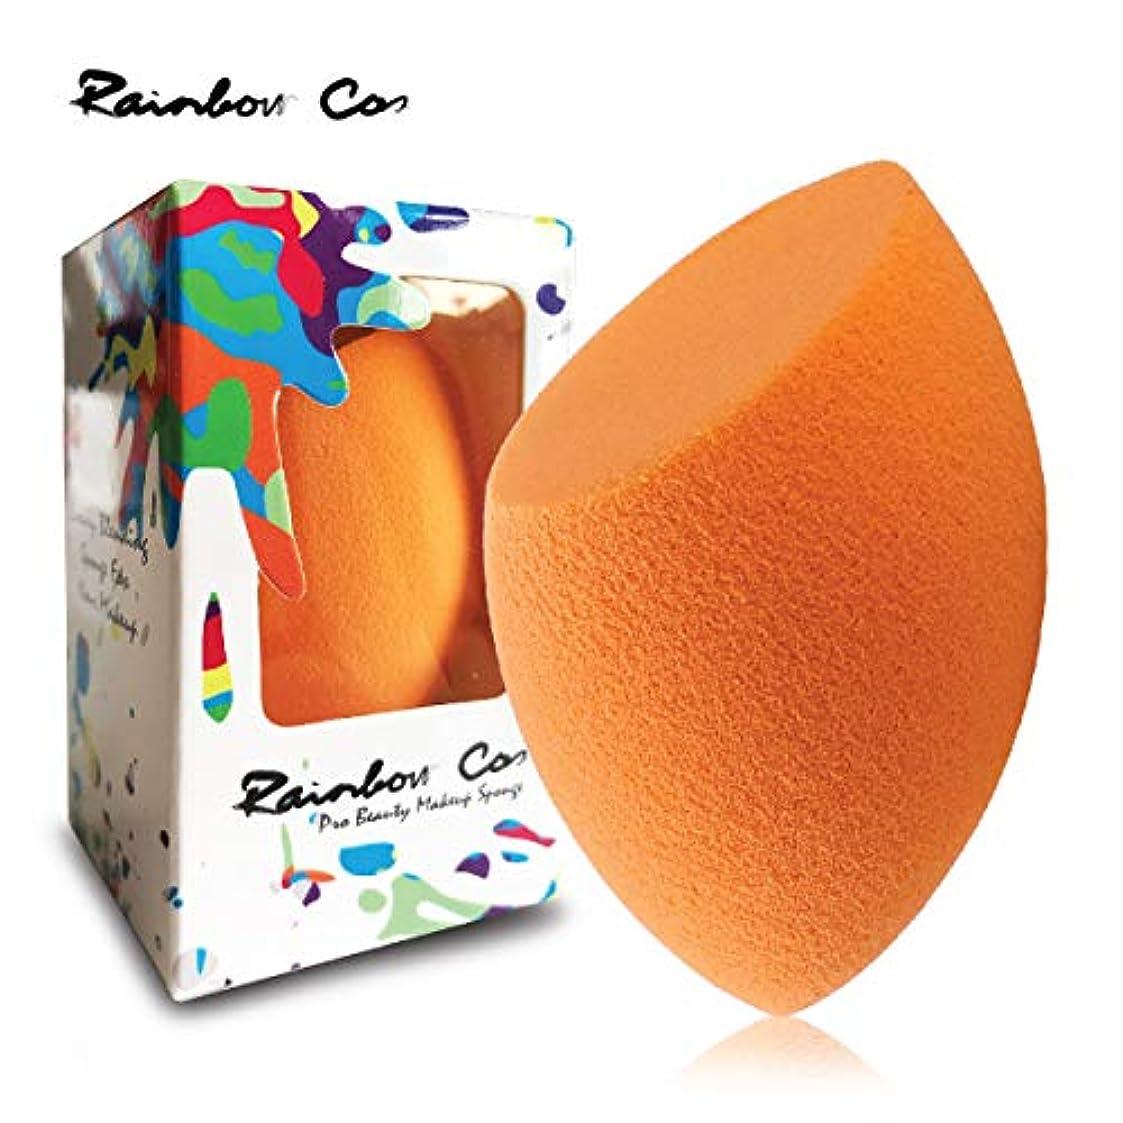 変換するカリング怠Rainbow Cos Premium Flat Edge Olive Sponge Beauty Foundation Sponge Blender for Applicator, Foundation and Highlight 斜めカット メイクスポンジ ファンデーションスポンジ 非ラテックス 乾湿兼用メイクスポンジ